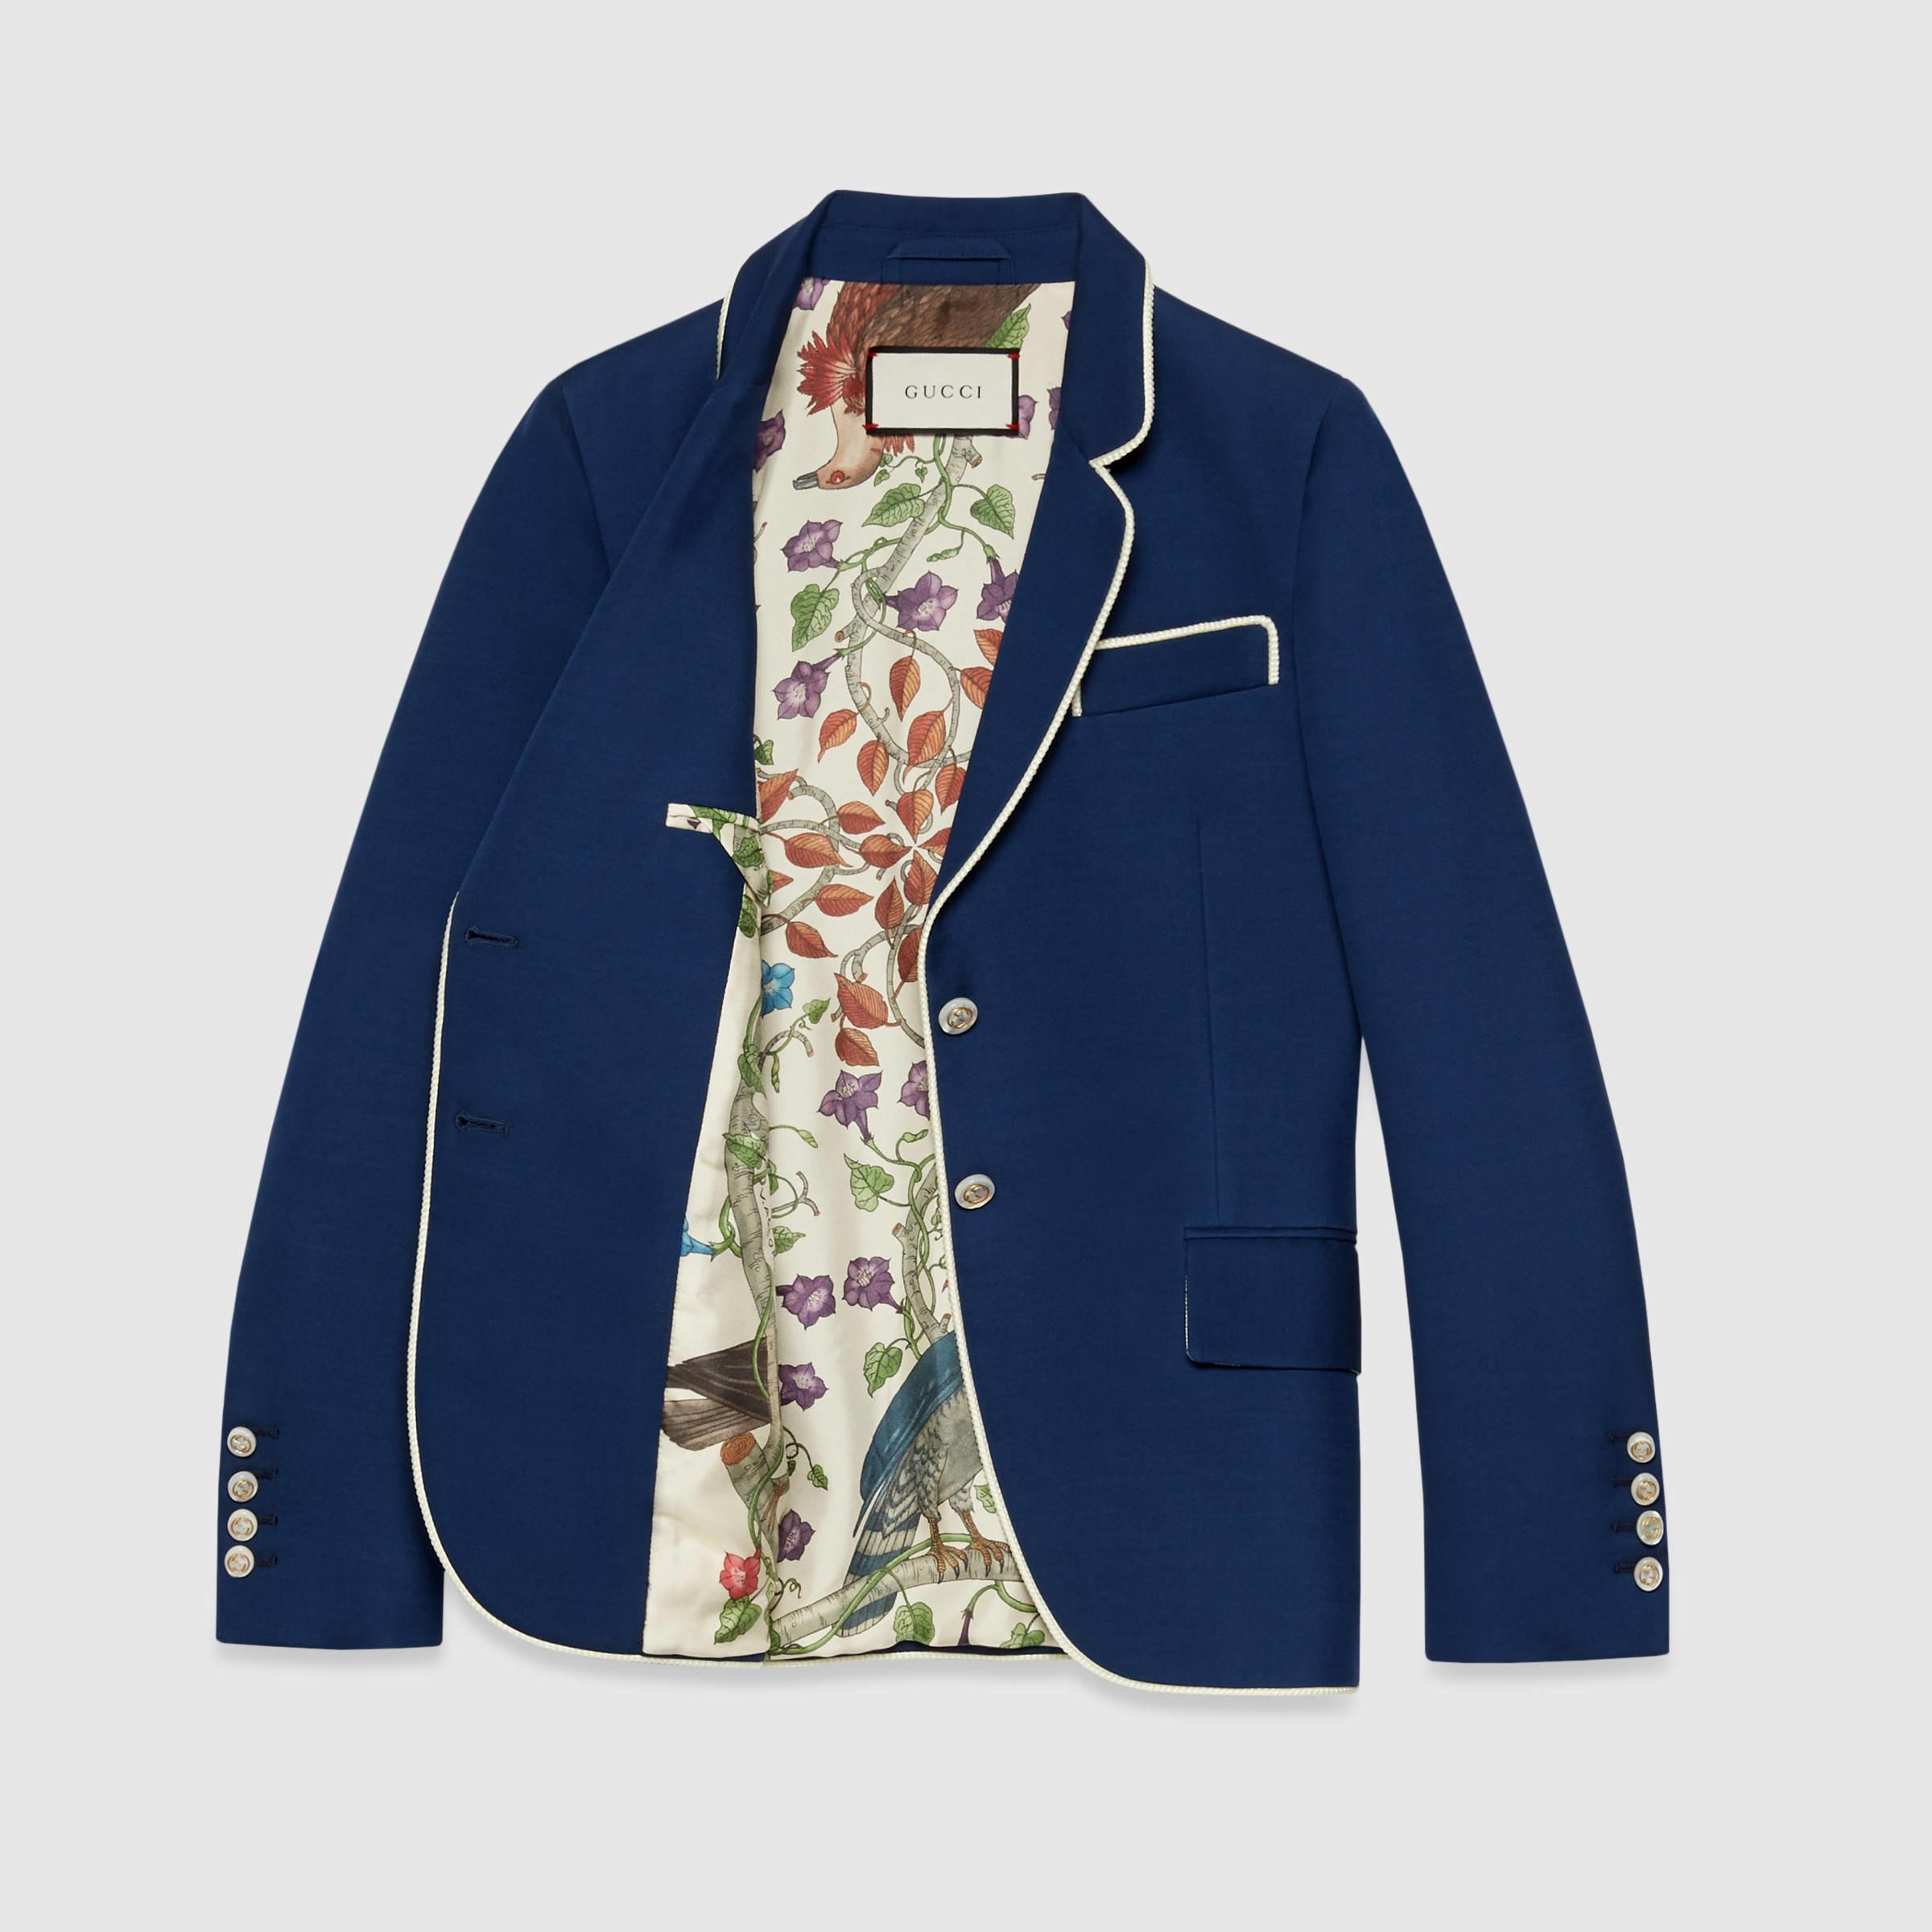 Lyst - Gucci Silk-wool Jacket in Blue 4c93af5bb